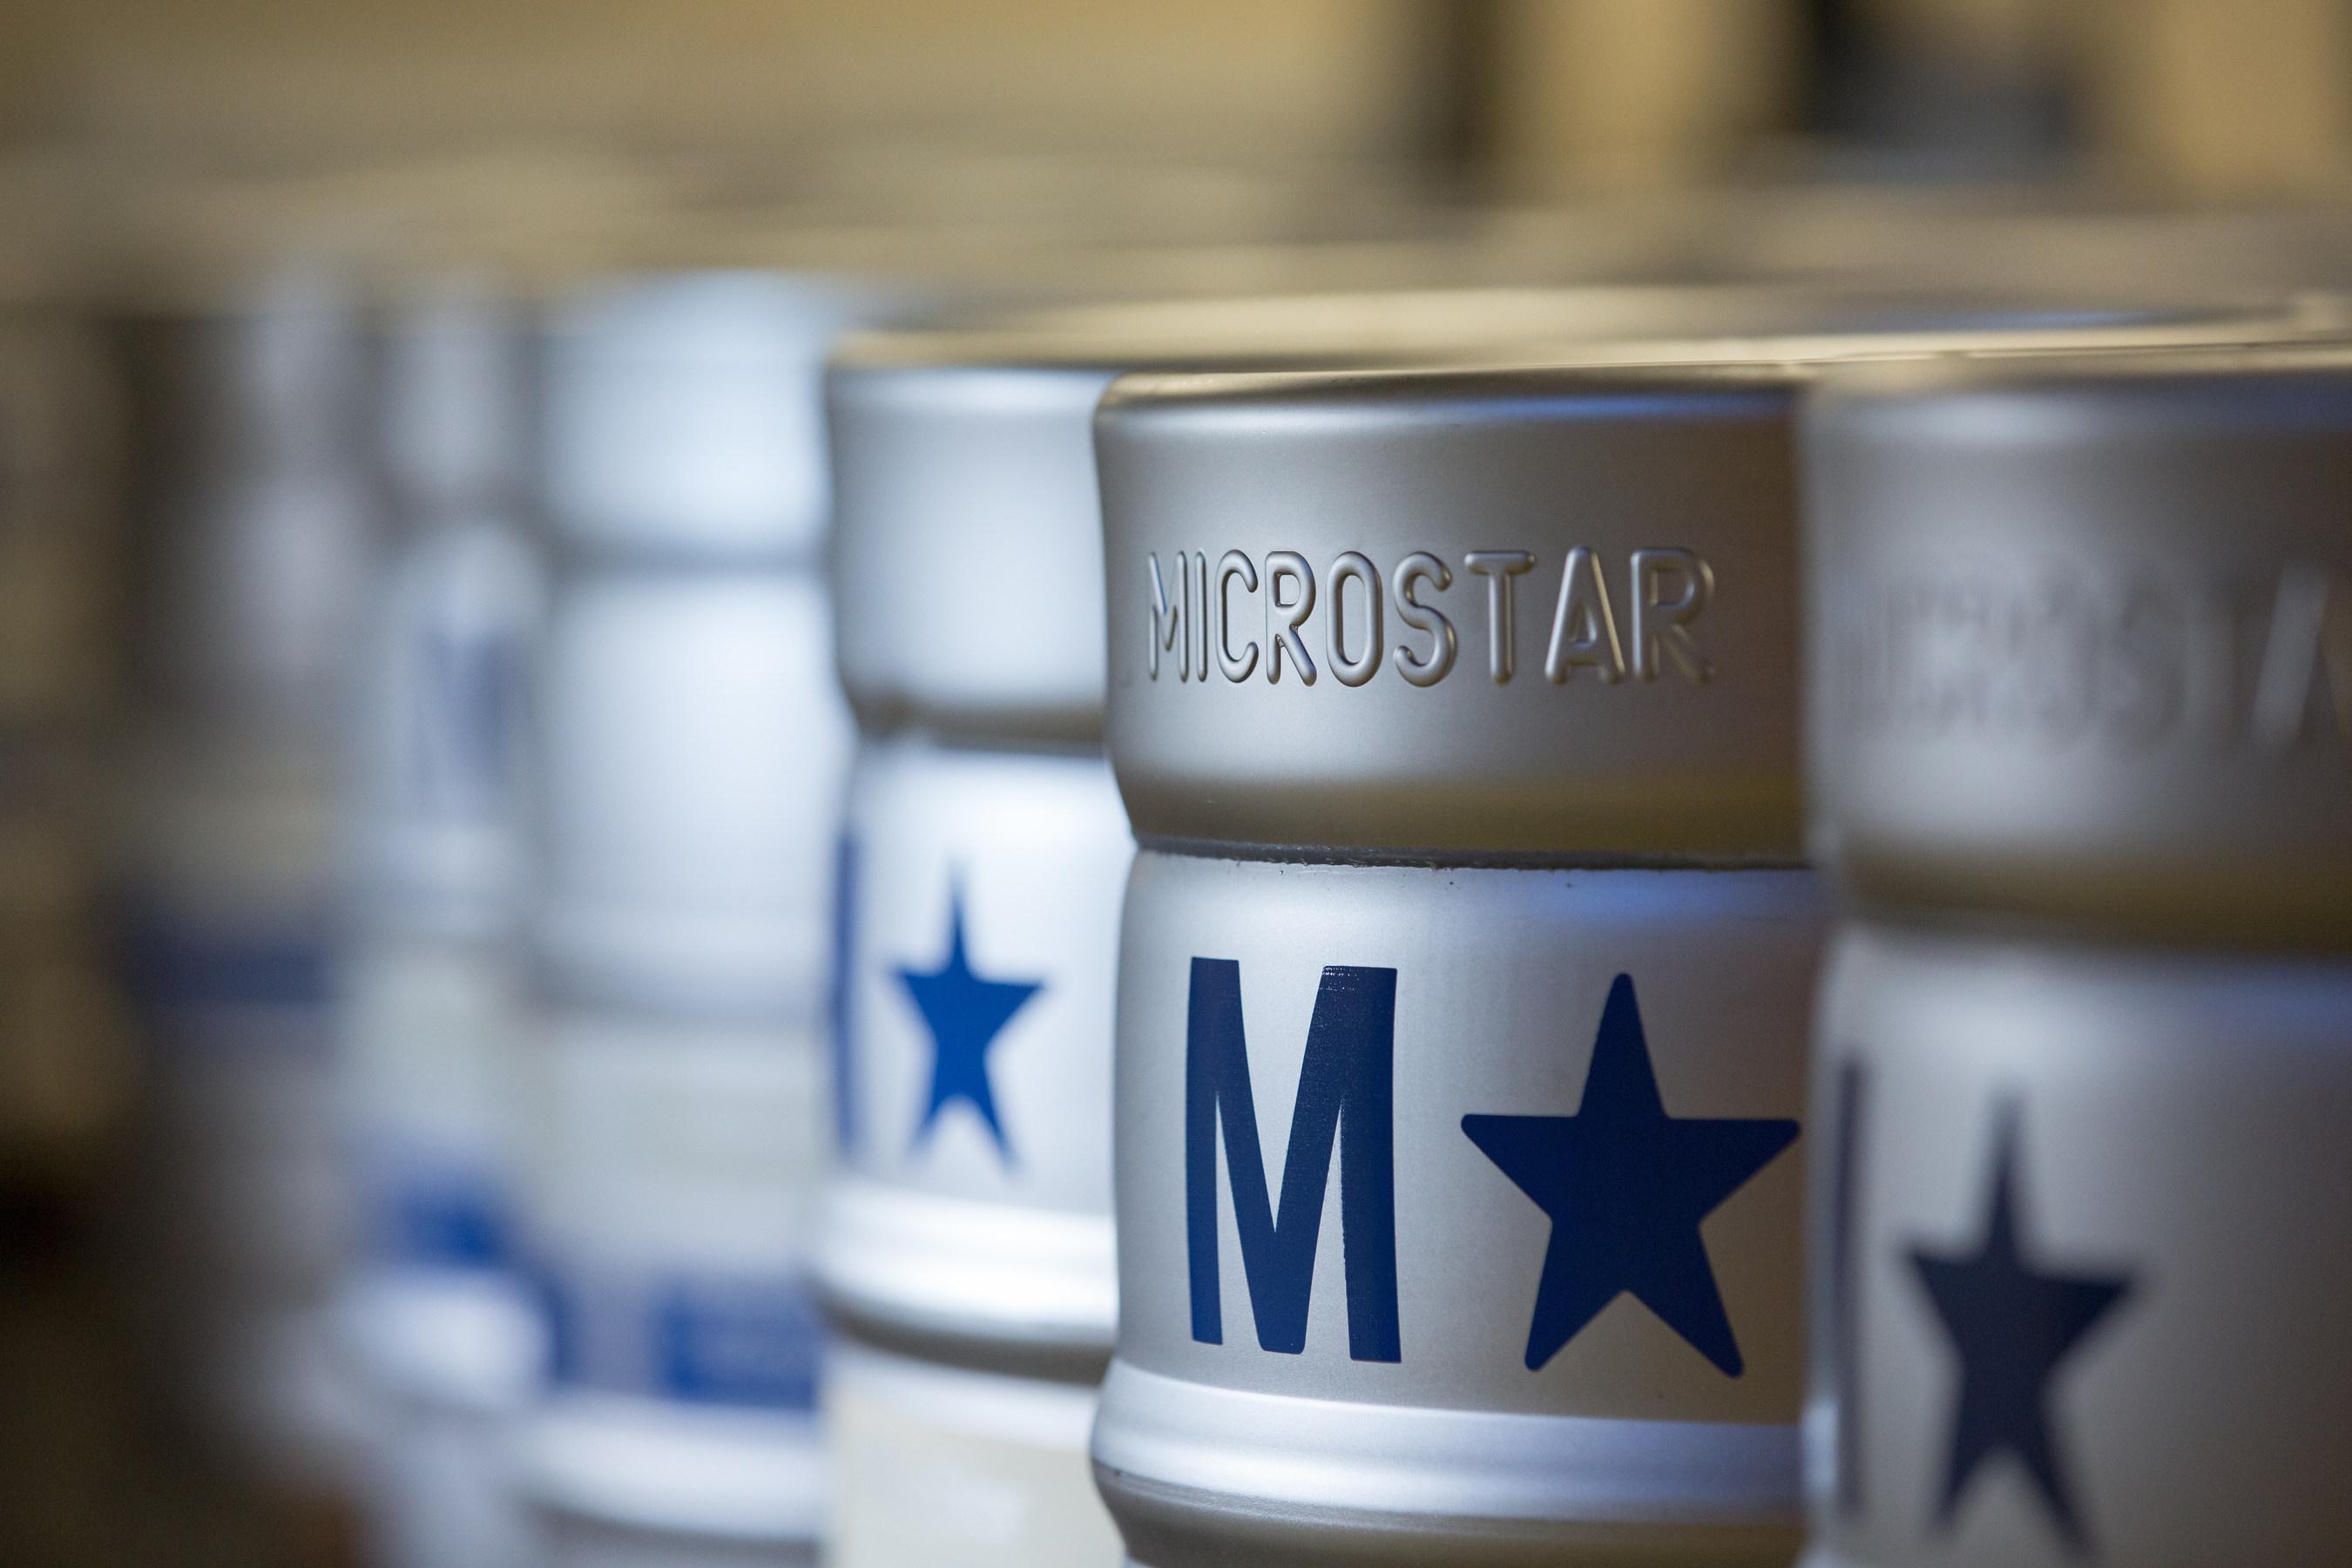 MicroStar Kegs